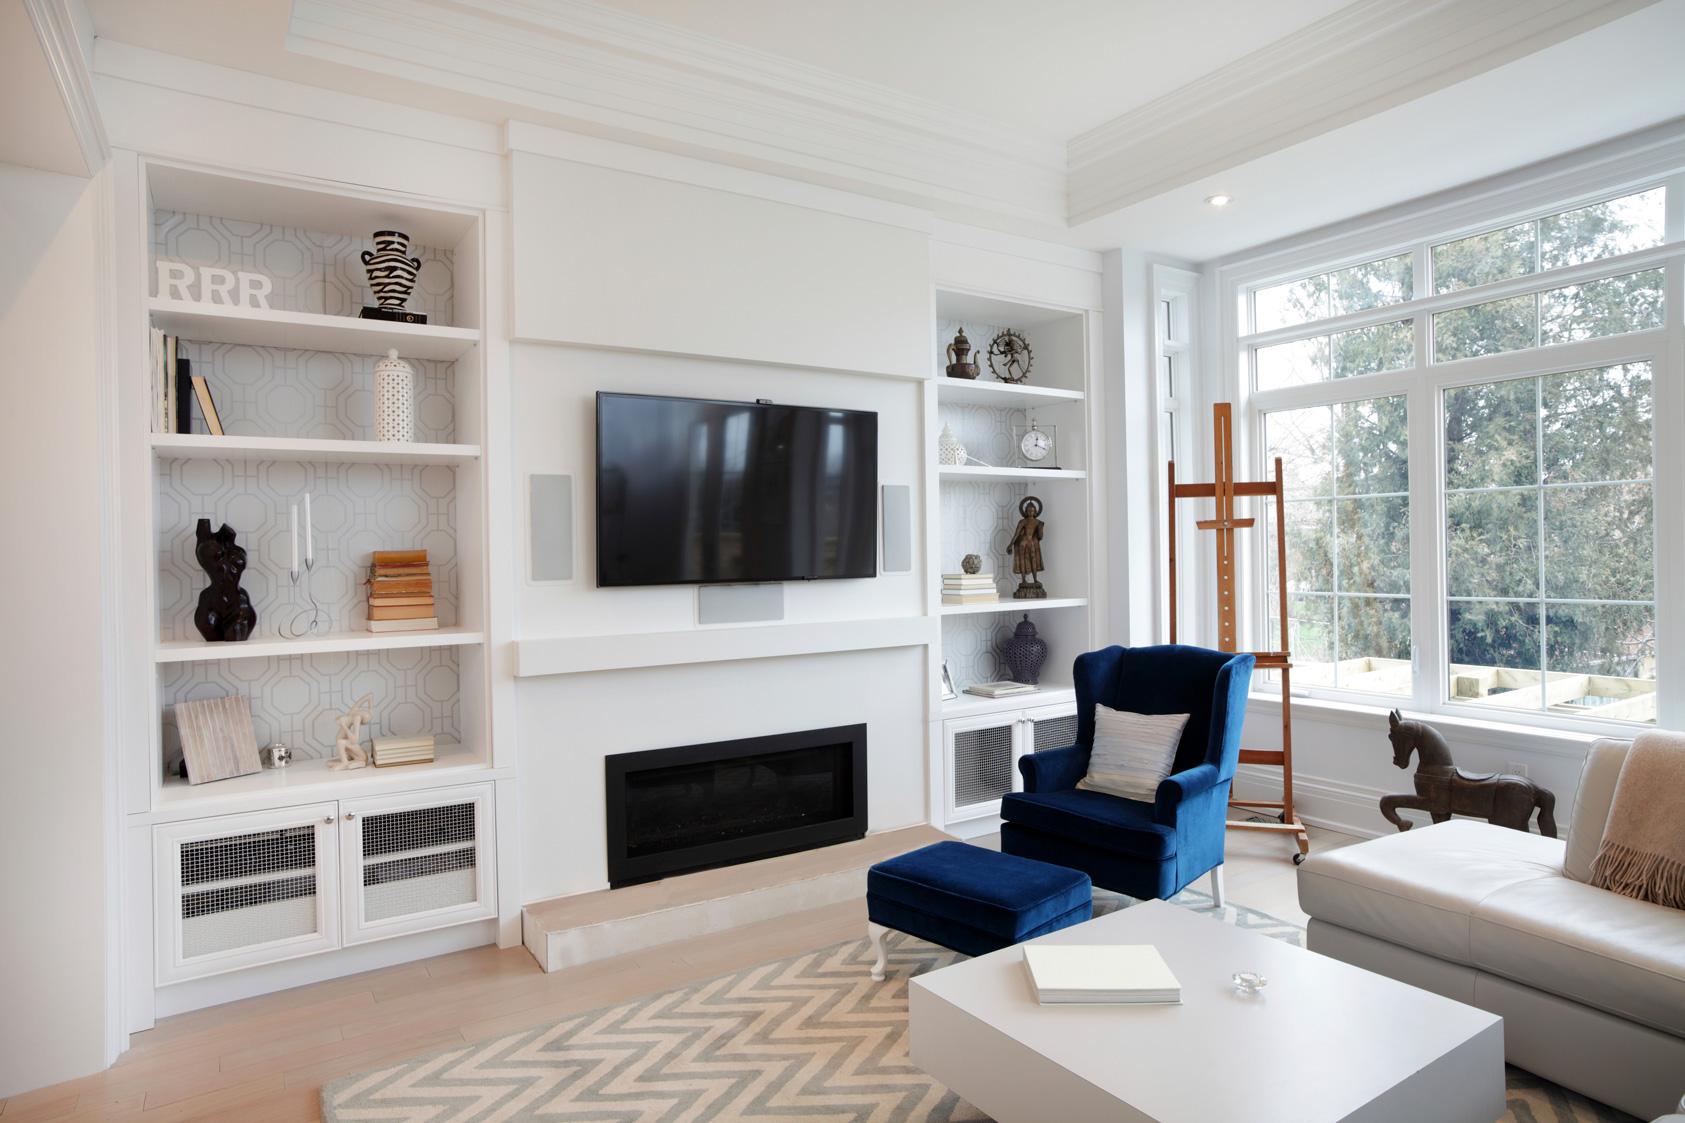 comment choisir un bon aspirateur 11 facteurs. Black Bedroom Furniture Sets. Home Design Ideas